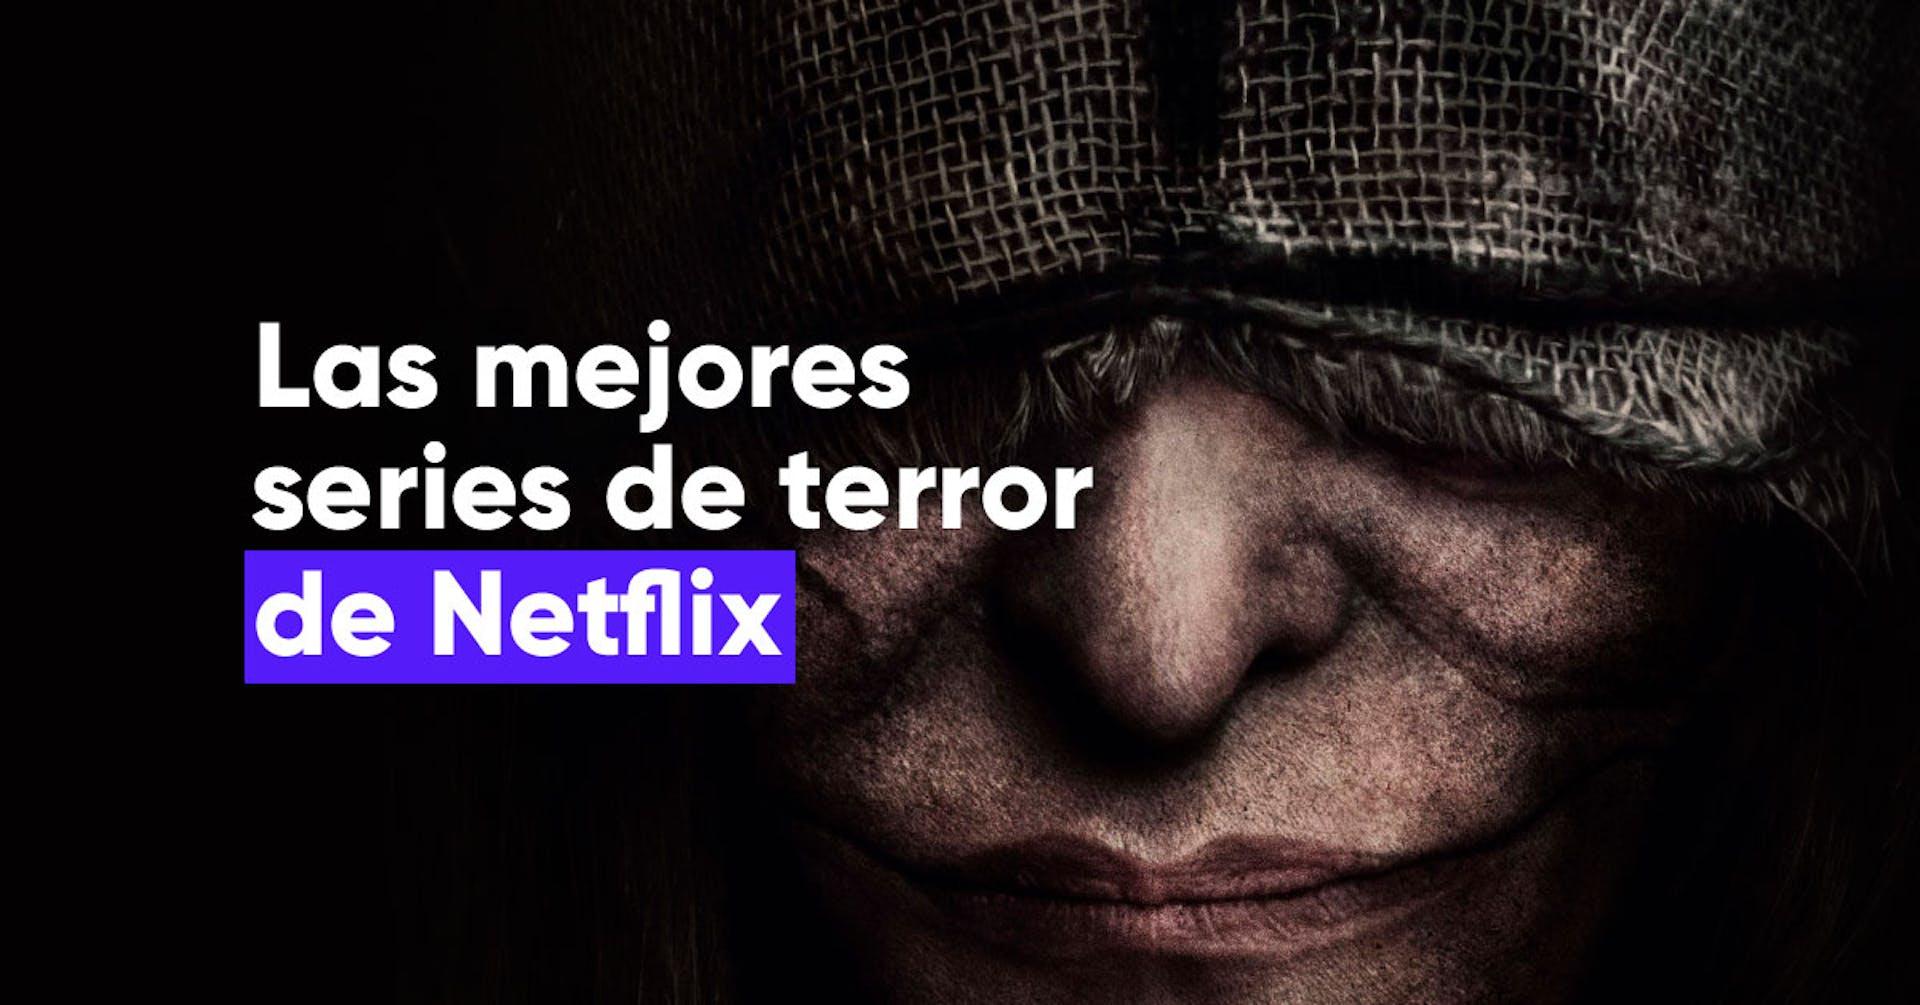 Las series de terror de Netflix que debes ver este fin de semana